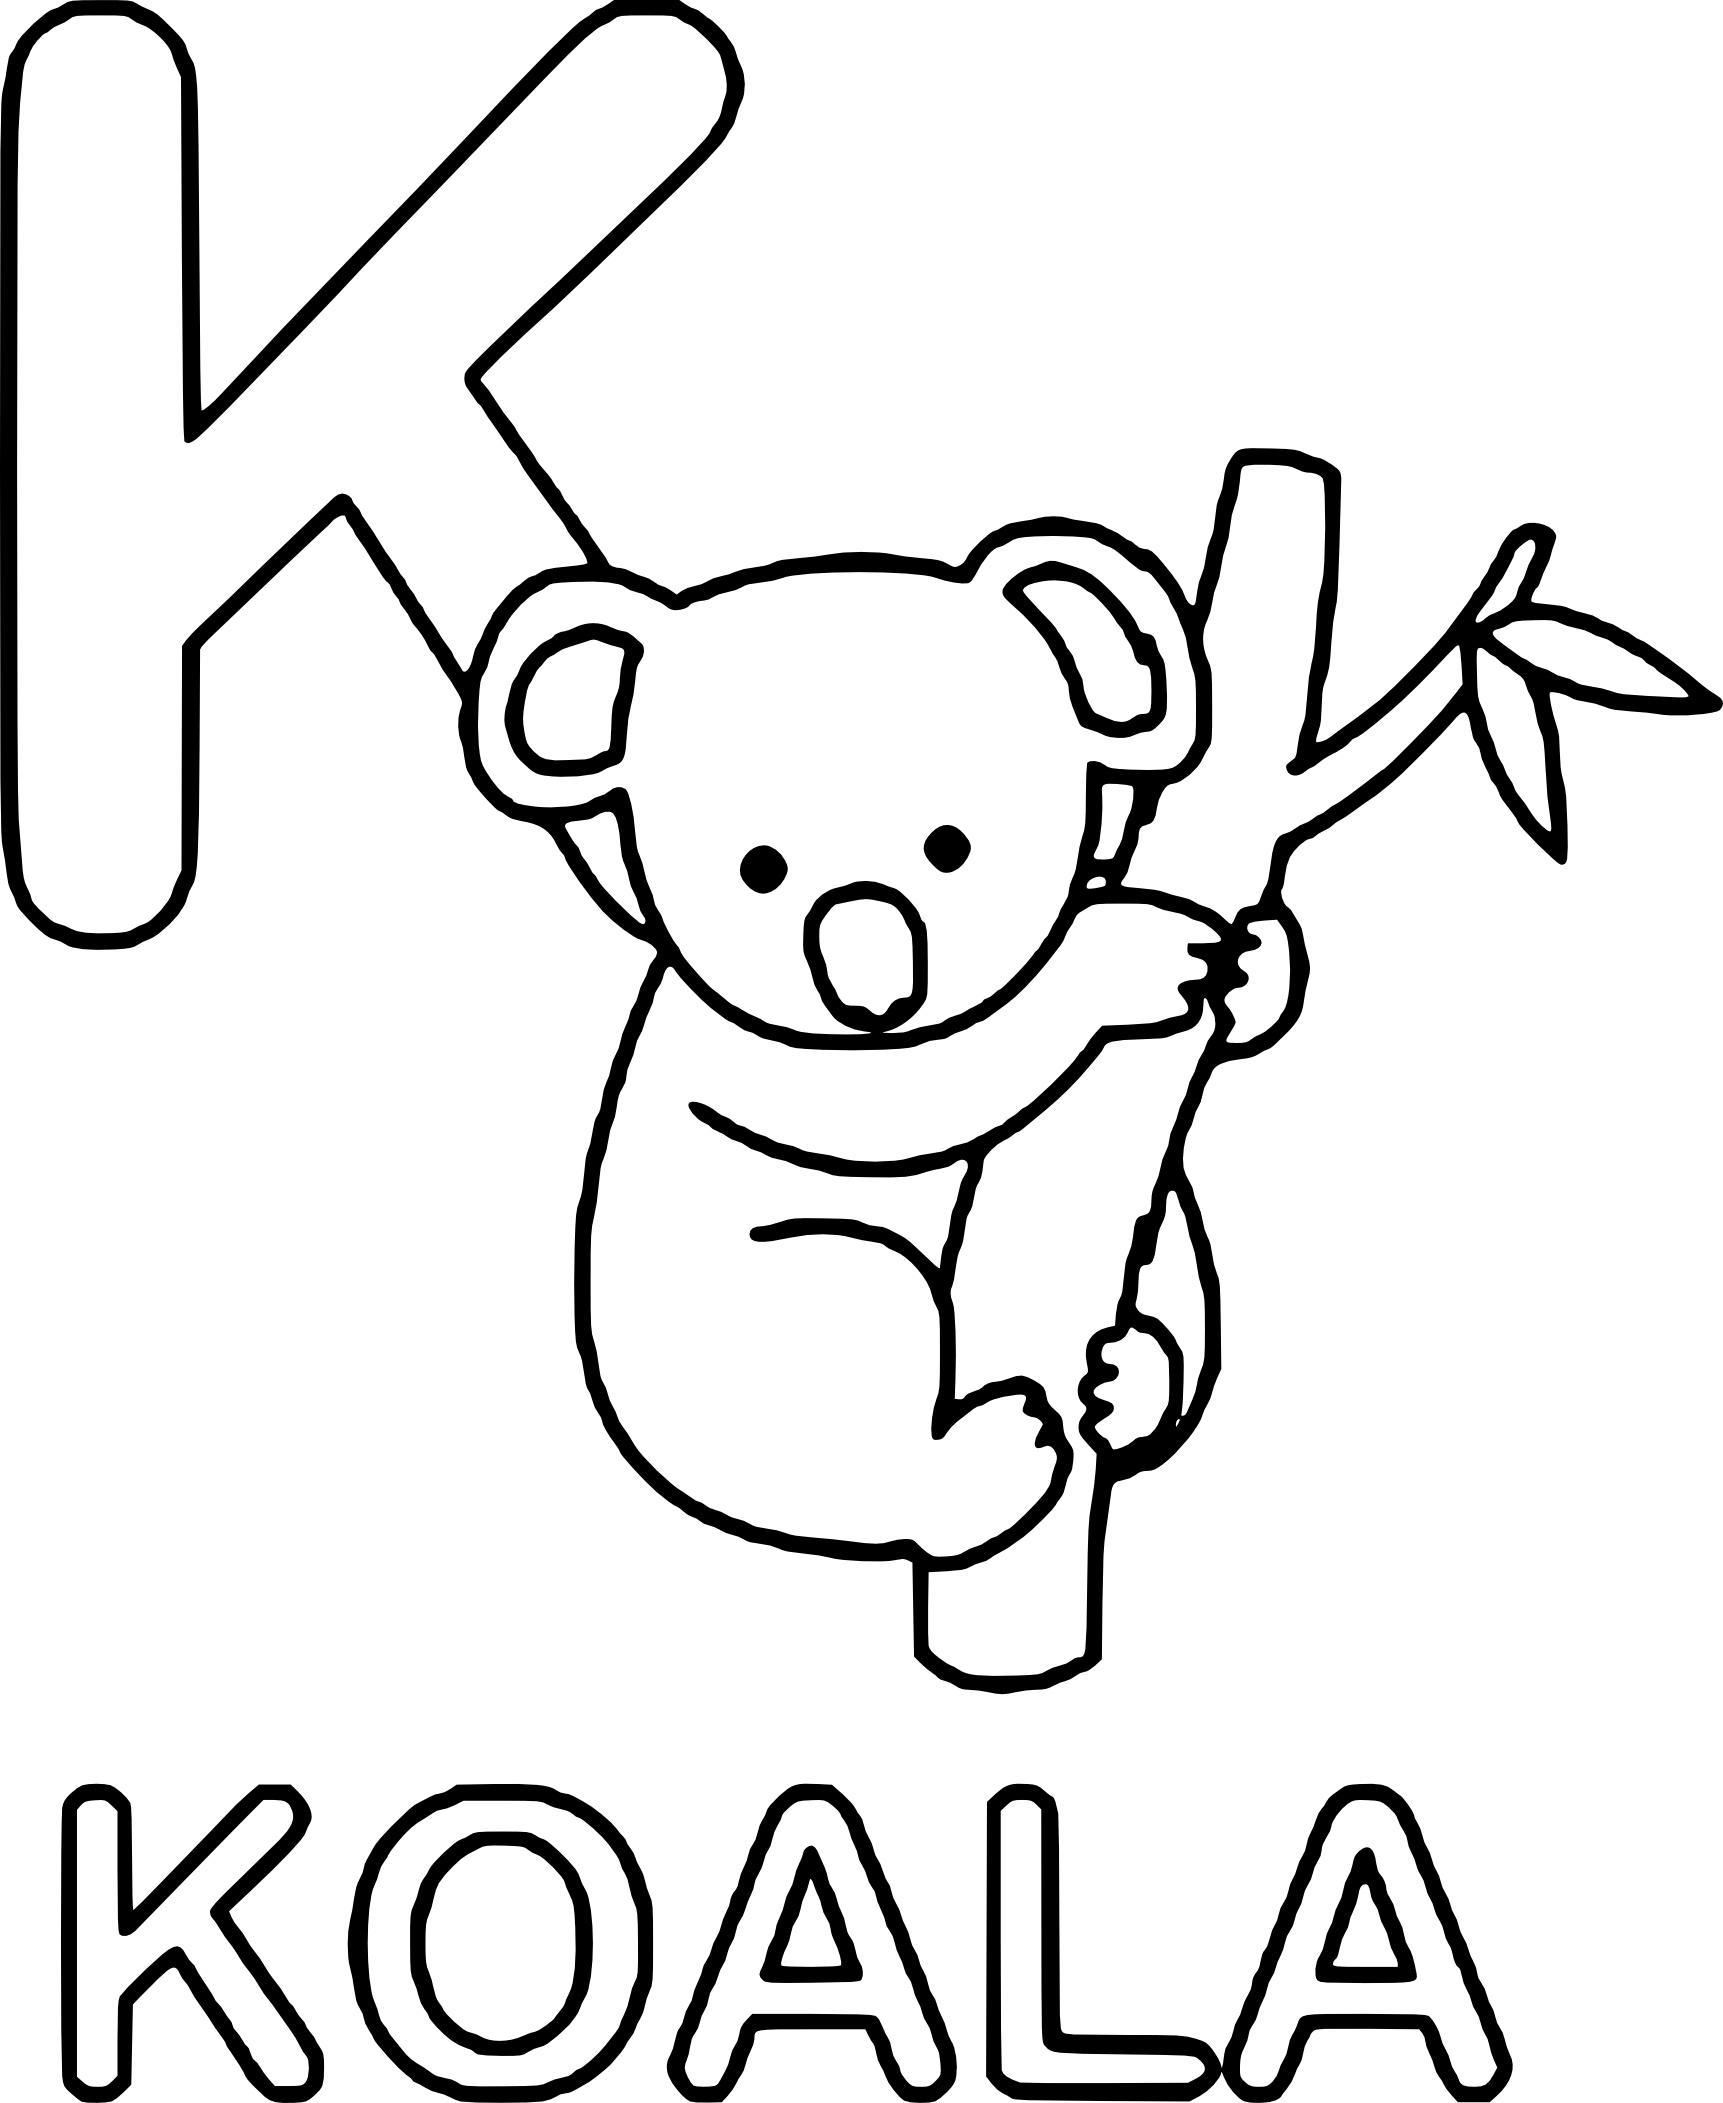 Coloriages à imprimer : Koala, numéro : 43cf0252